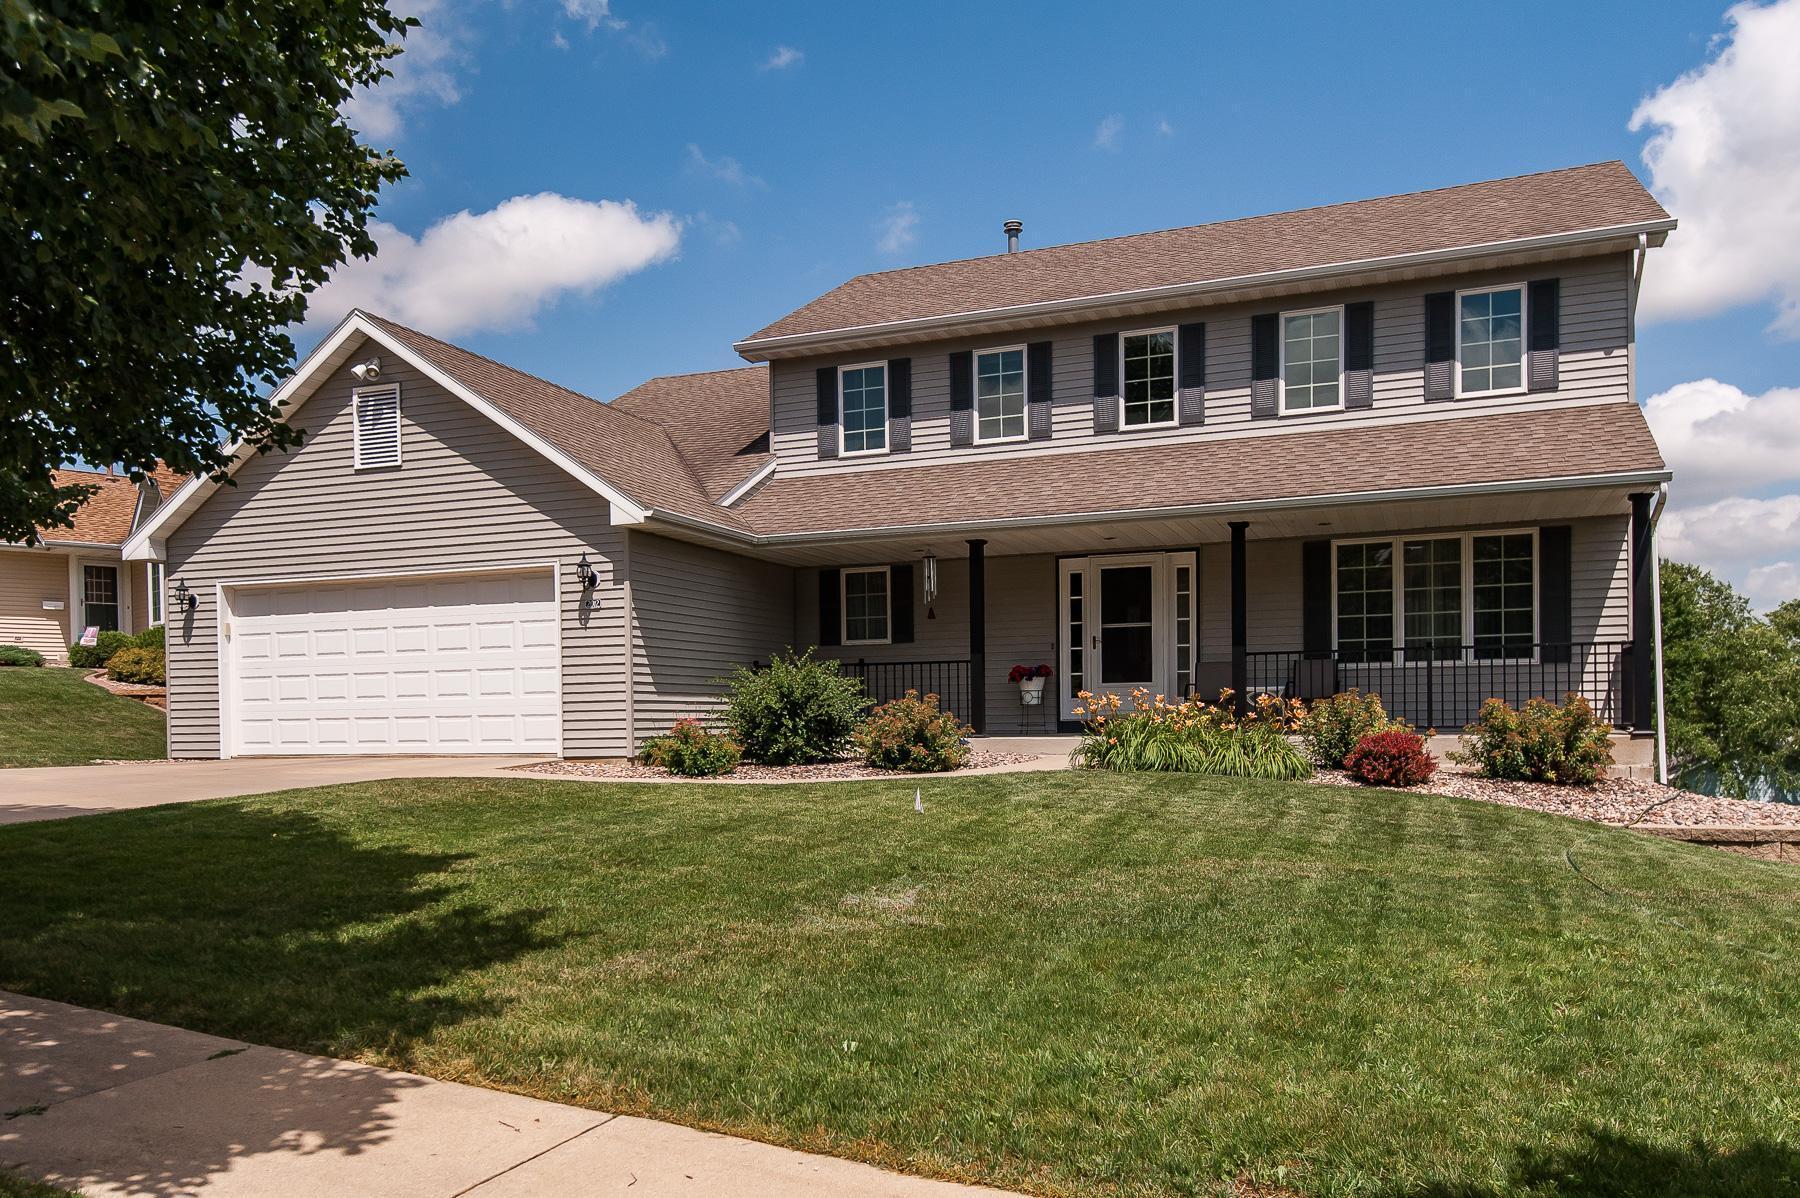 Apple Ridge Ii Real Estate Listings Main Image